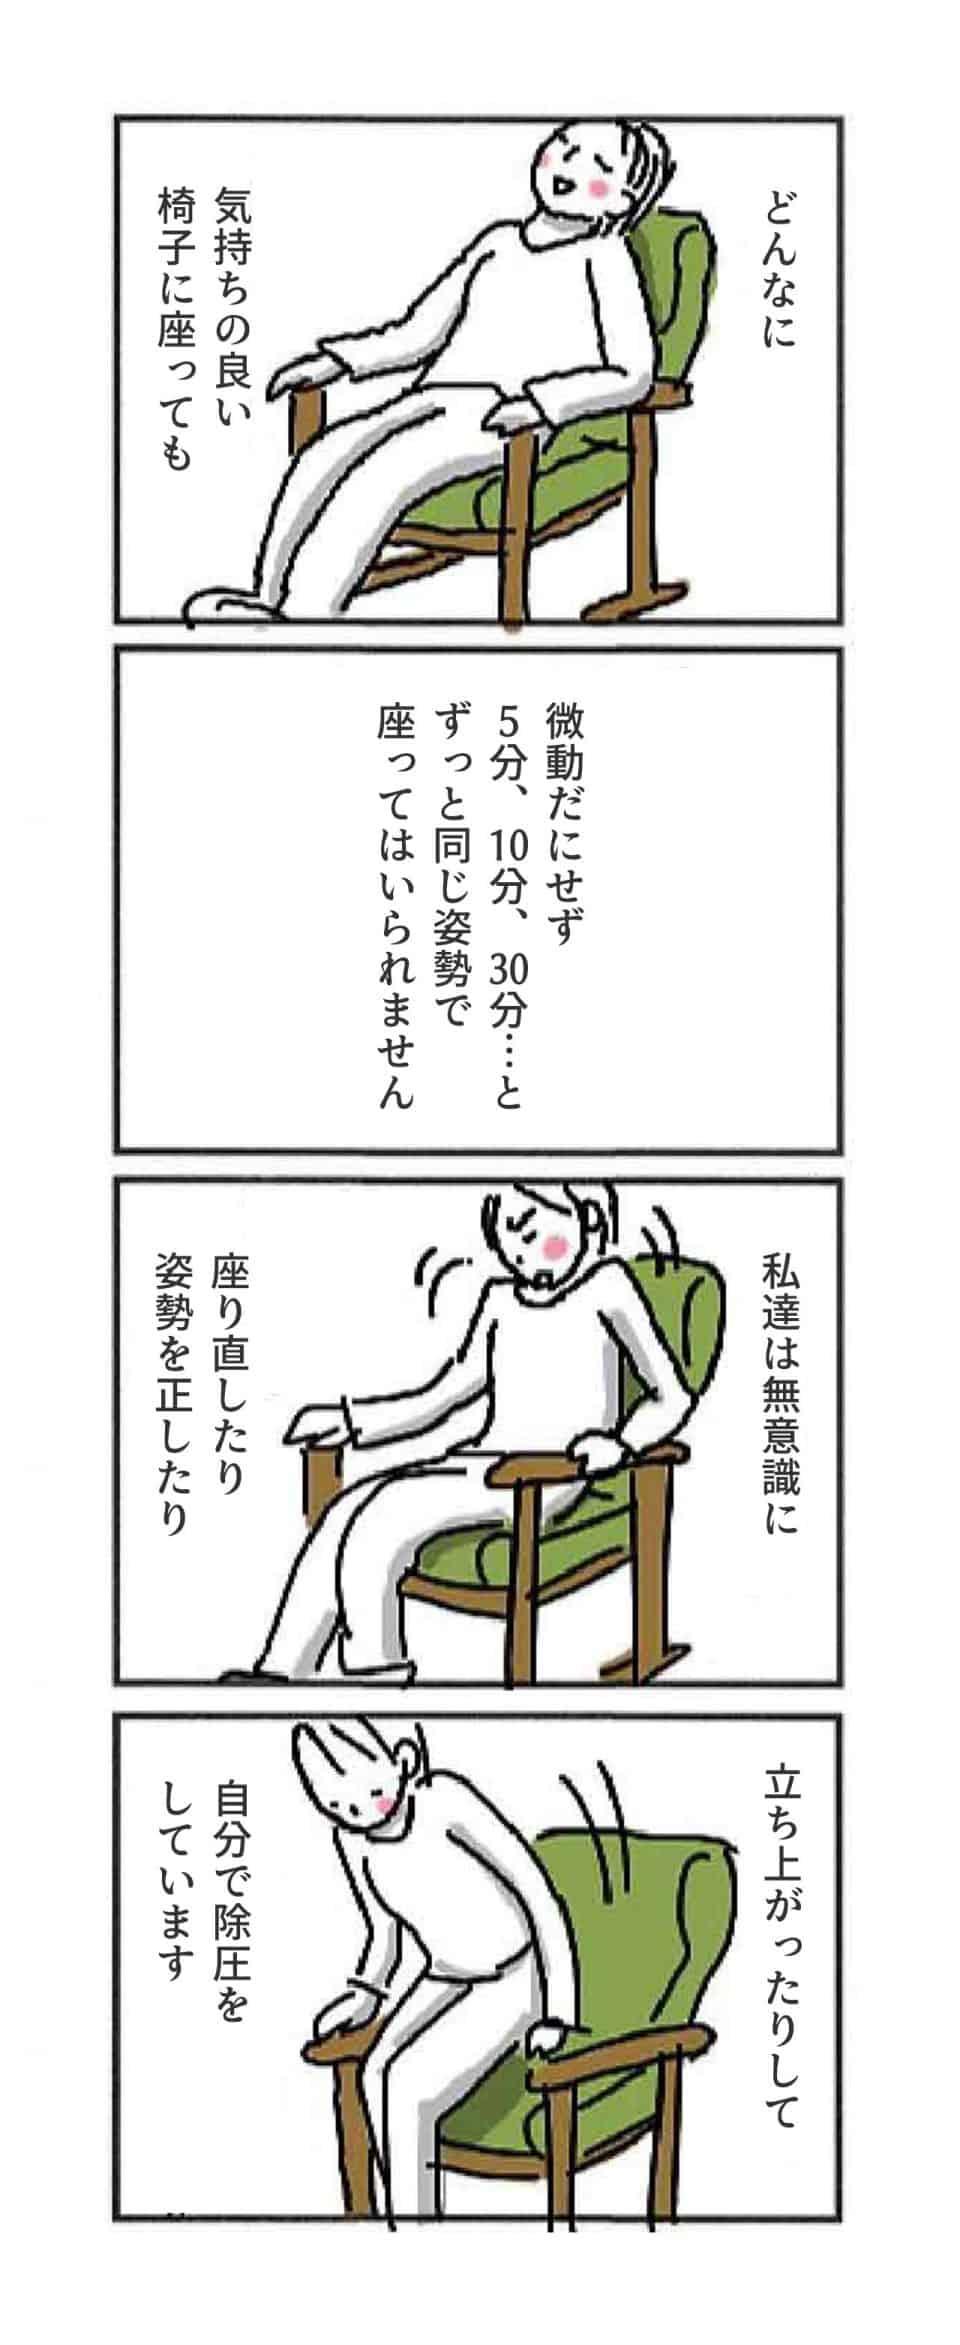 どんなに気持ちの良い椅子に座っても、微動だにせず5分、10分、30分…とずっと同じ姿勢で座って入られません。 私達は無意識に座り直したり、姿勢を正したり、立ち上がったり